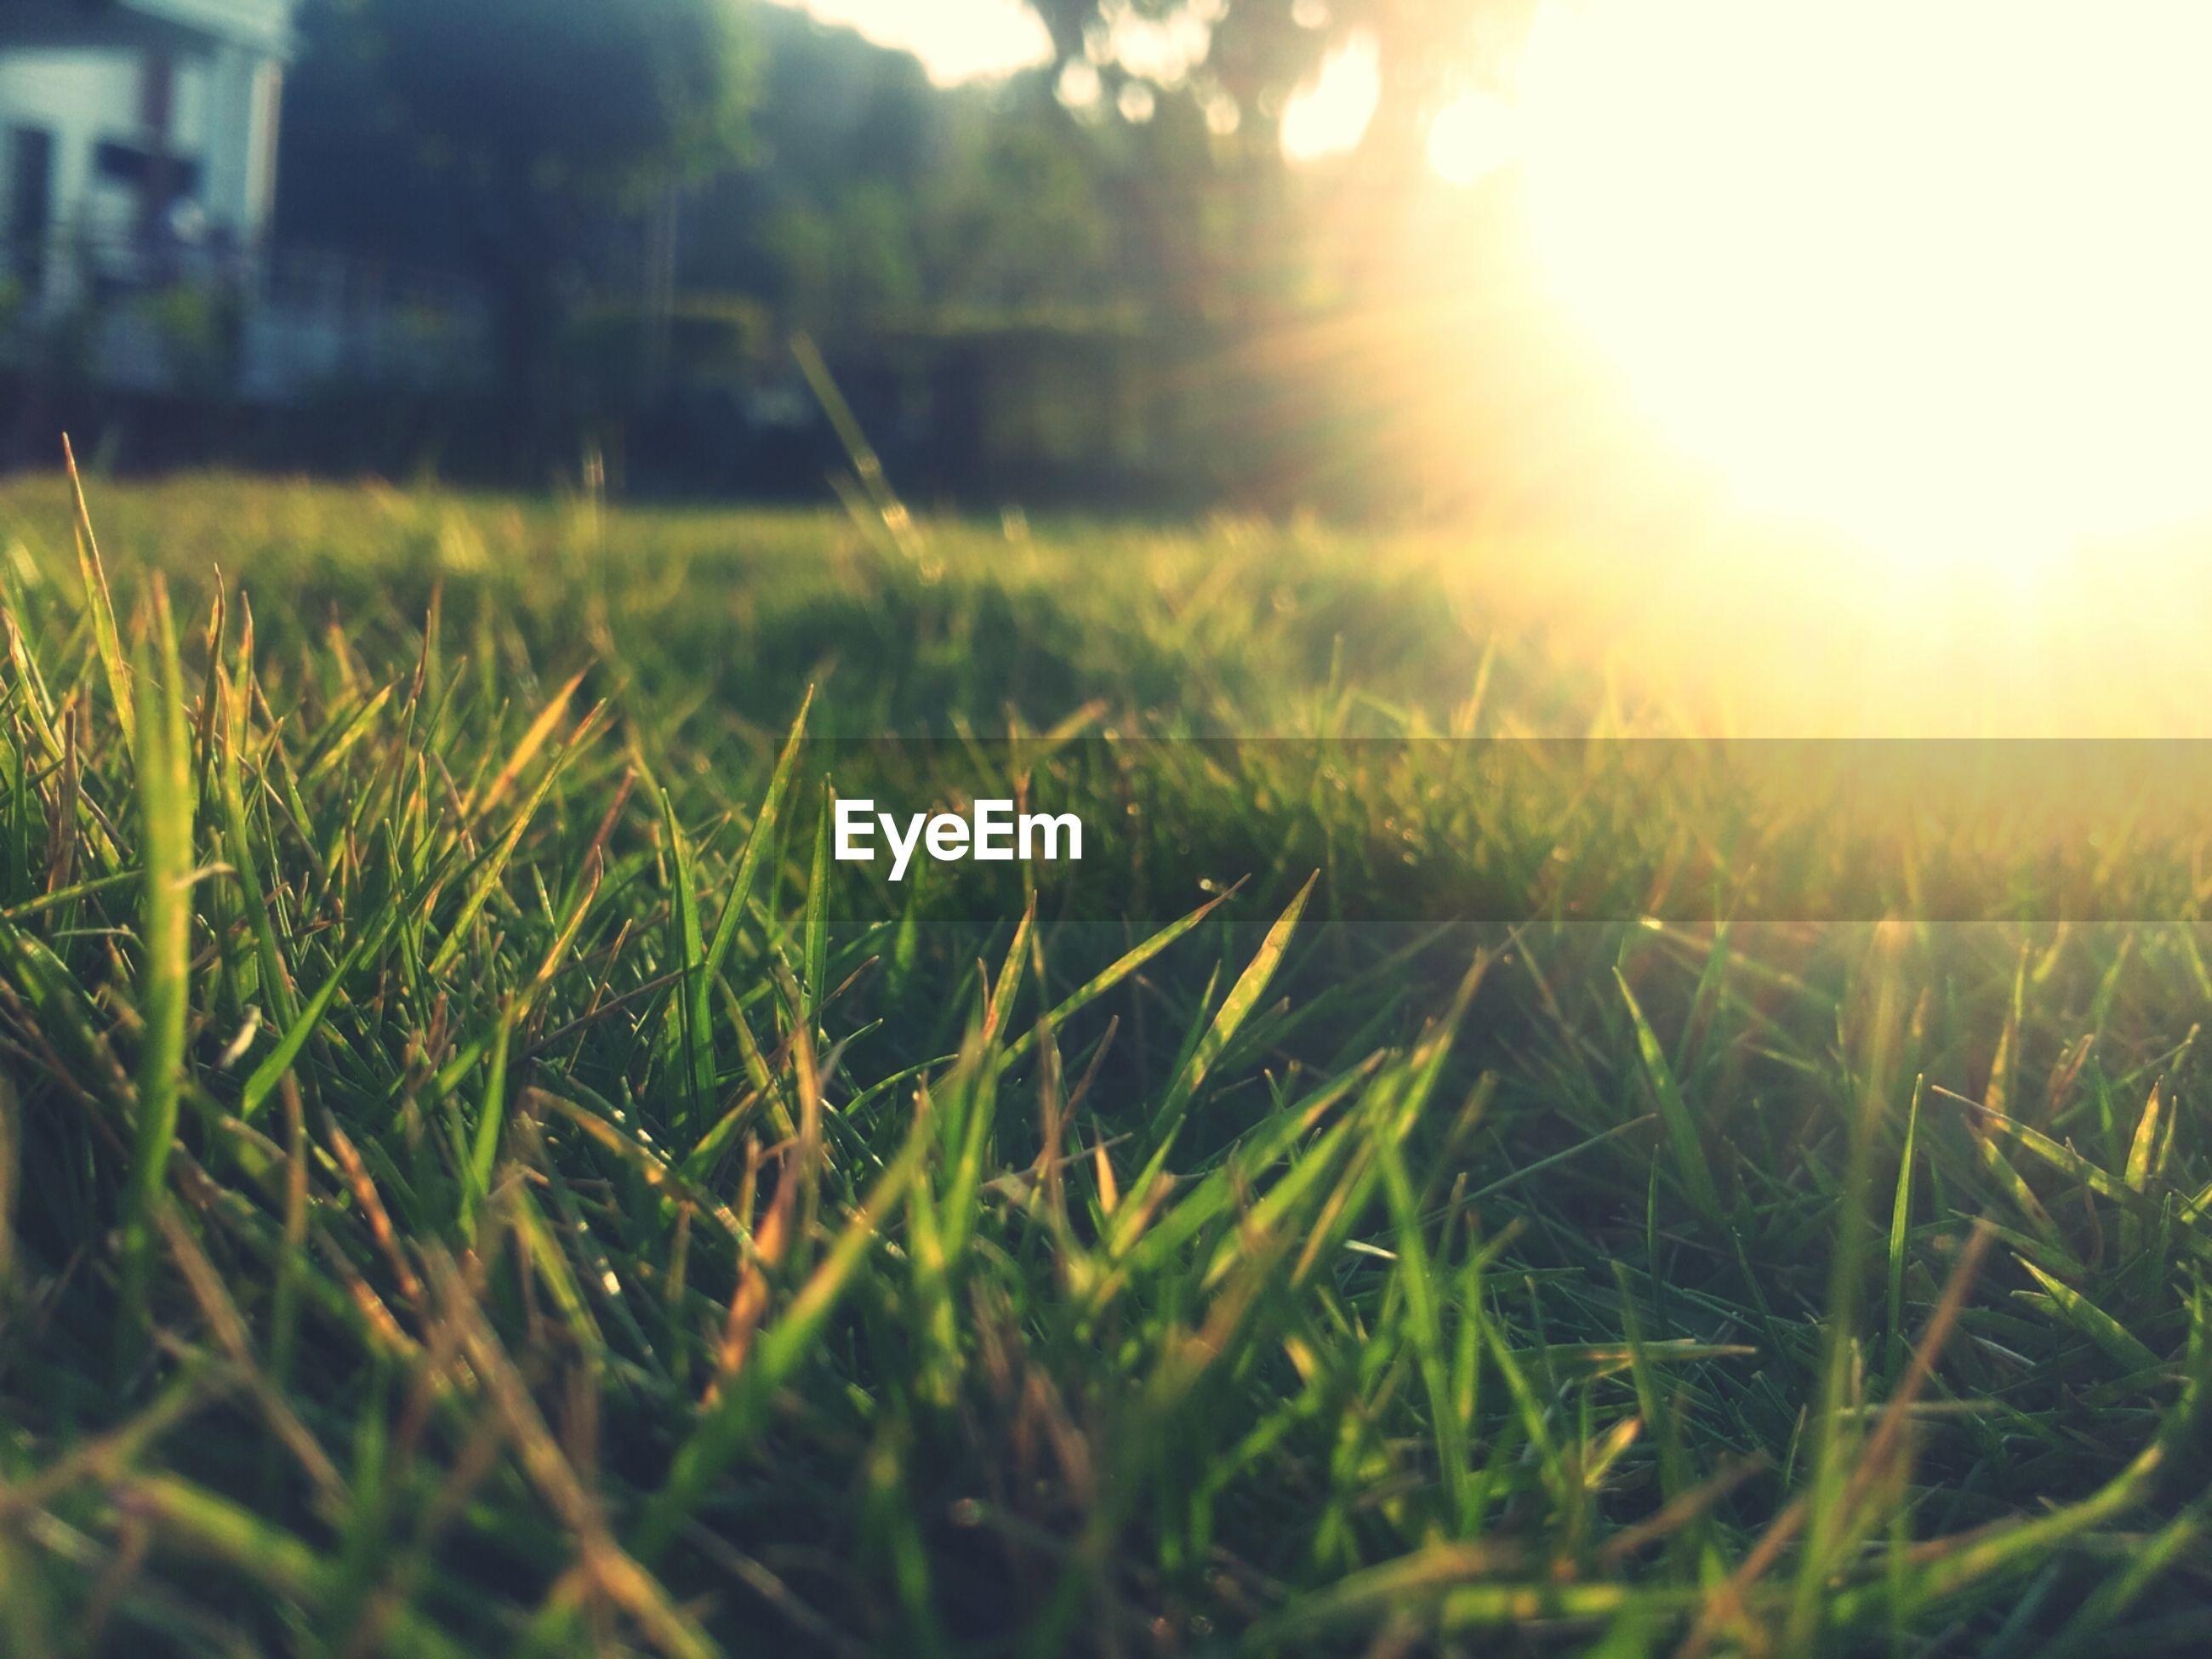 Grass in sunlight